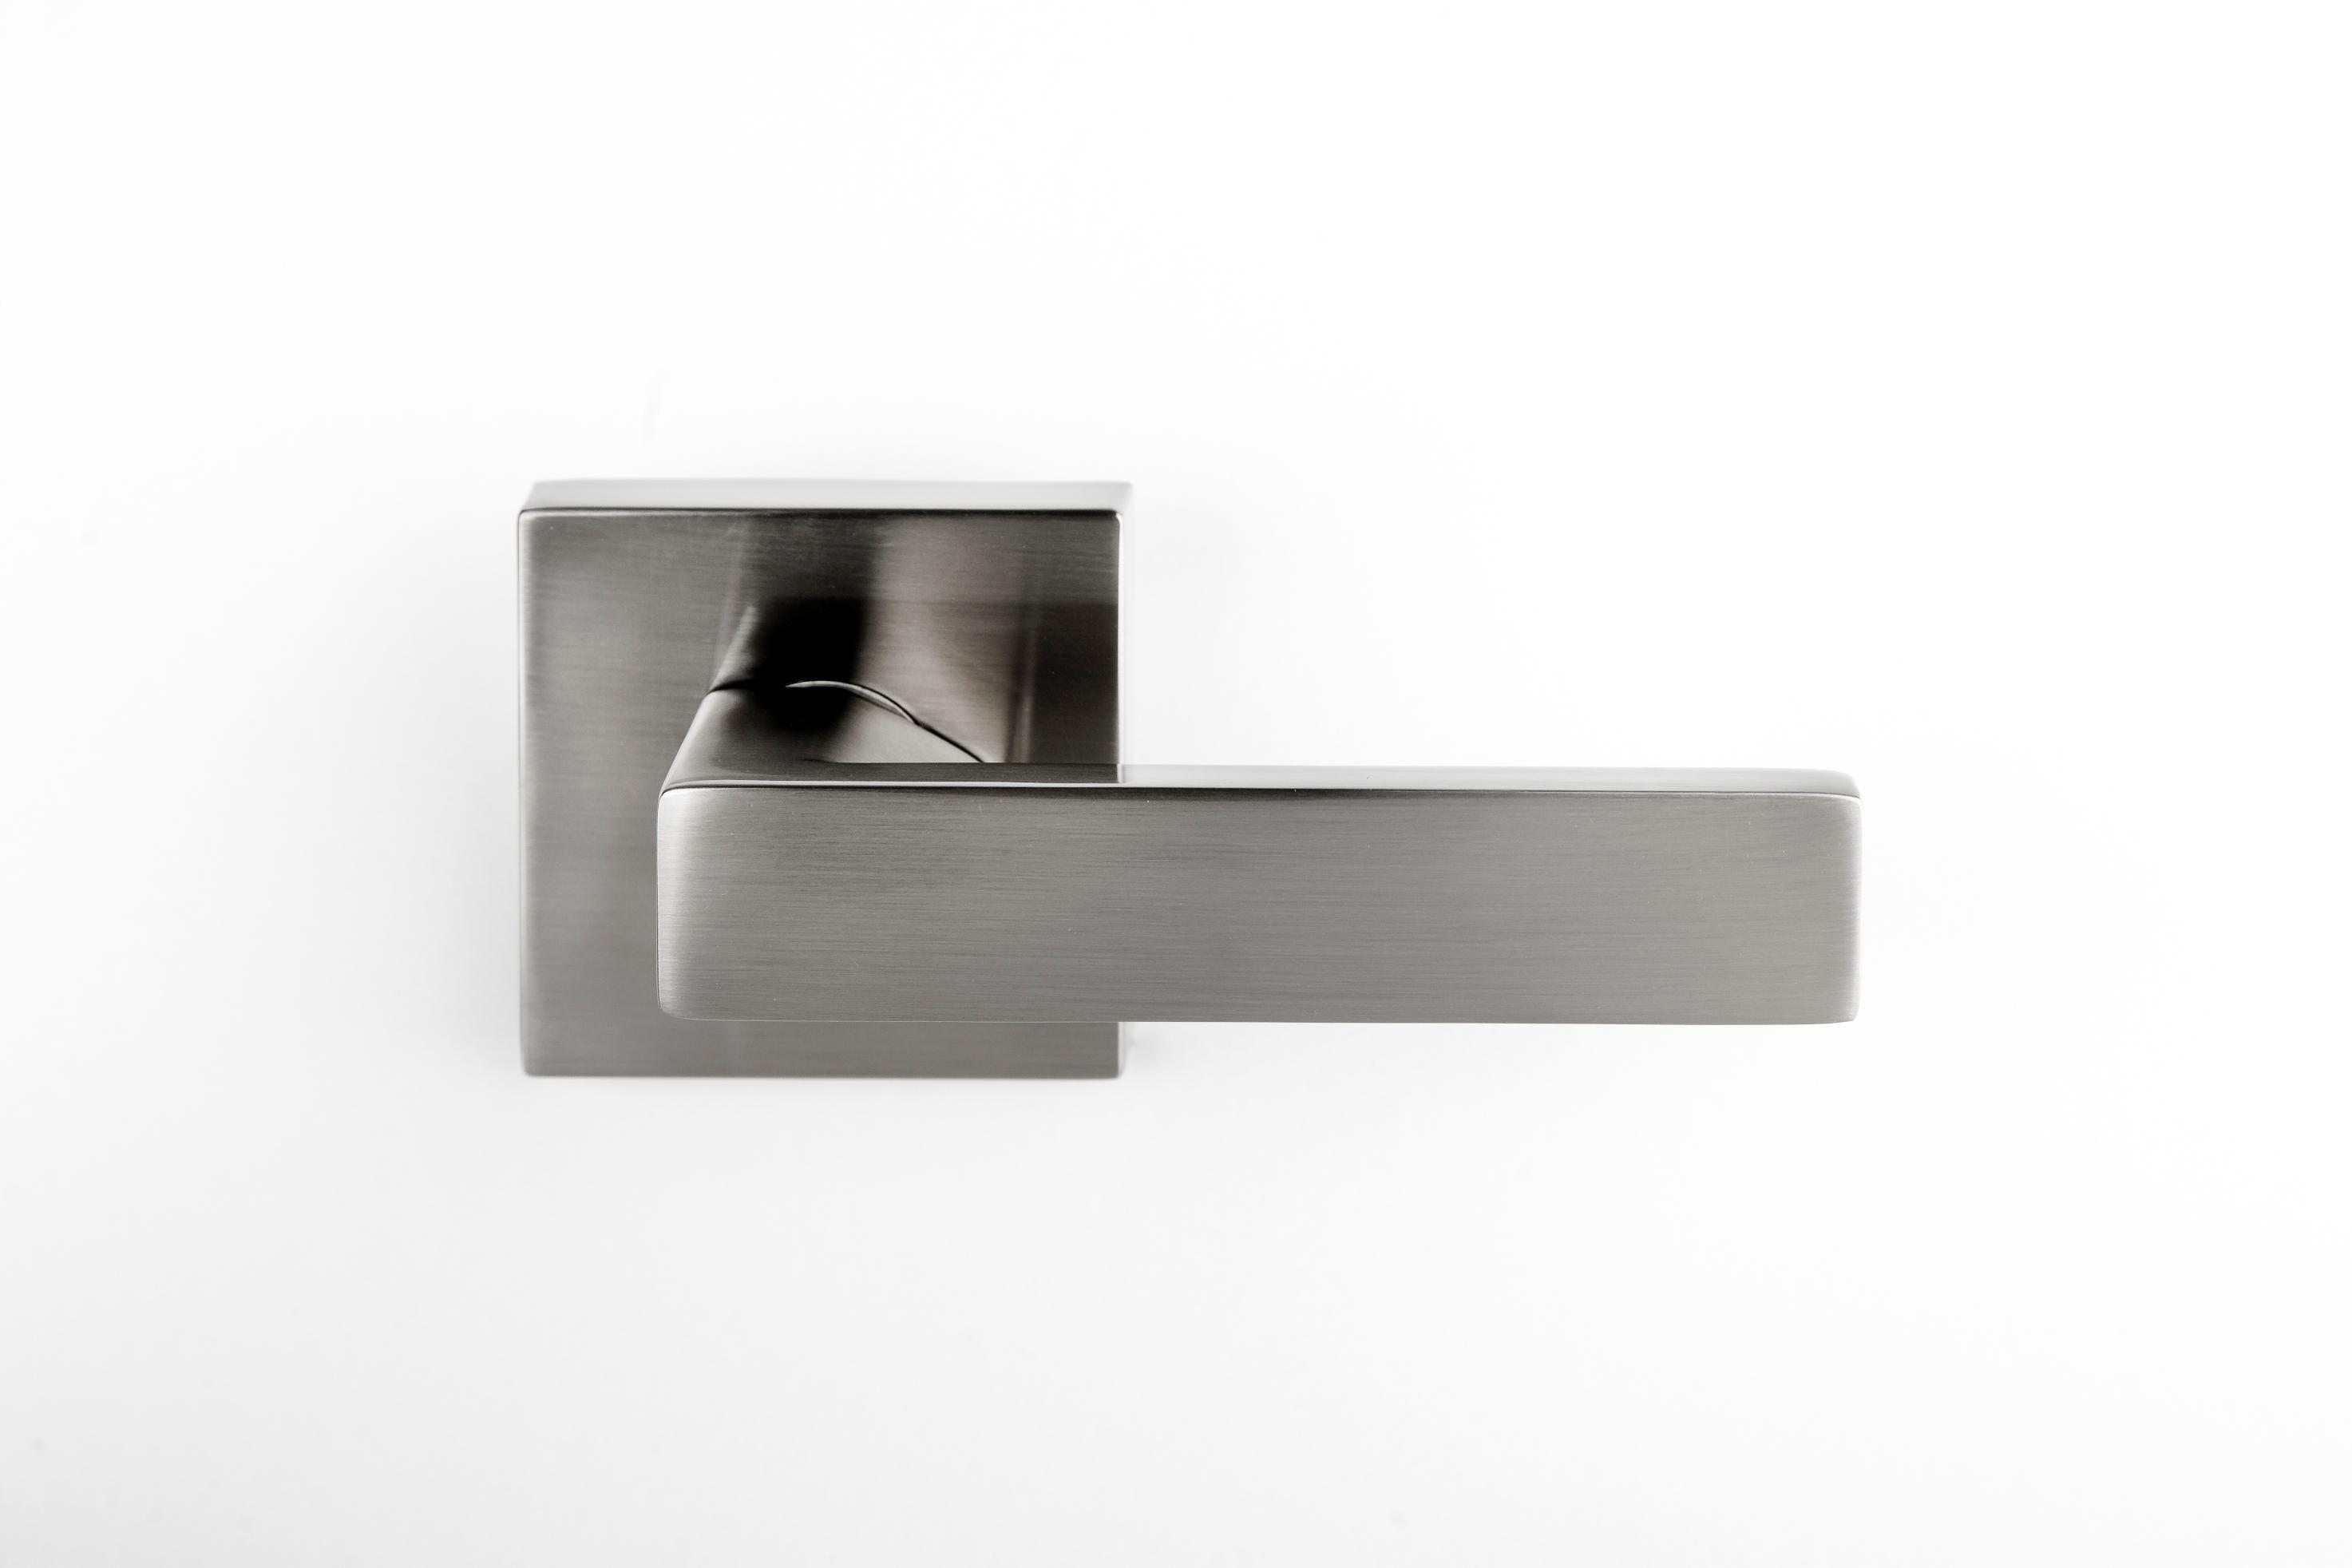 bathroom door knobs with locks photo - 13